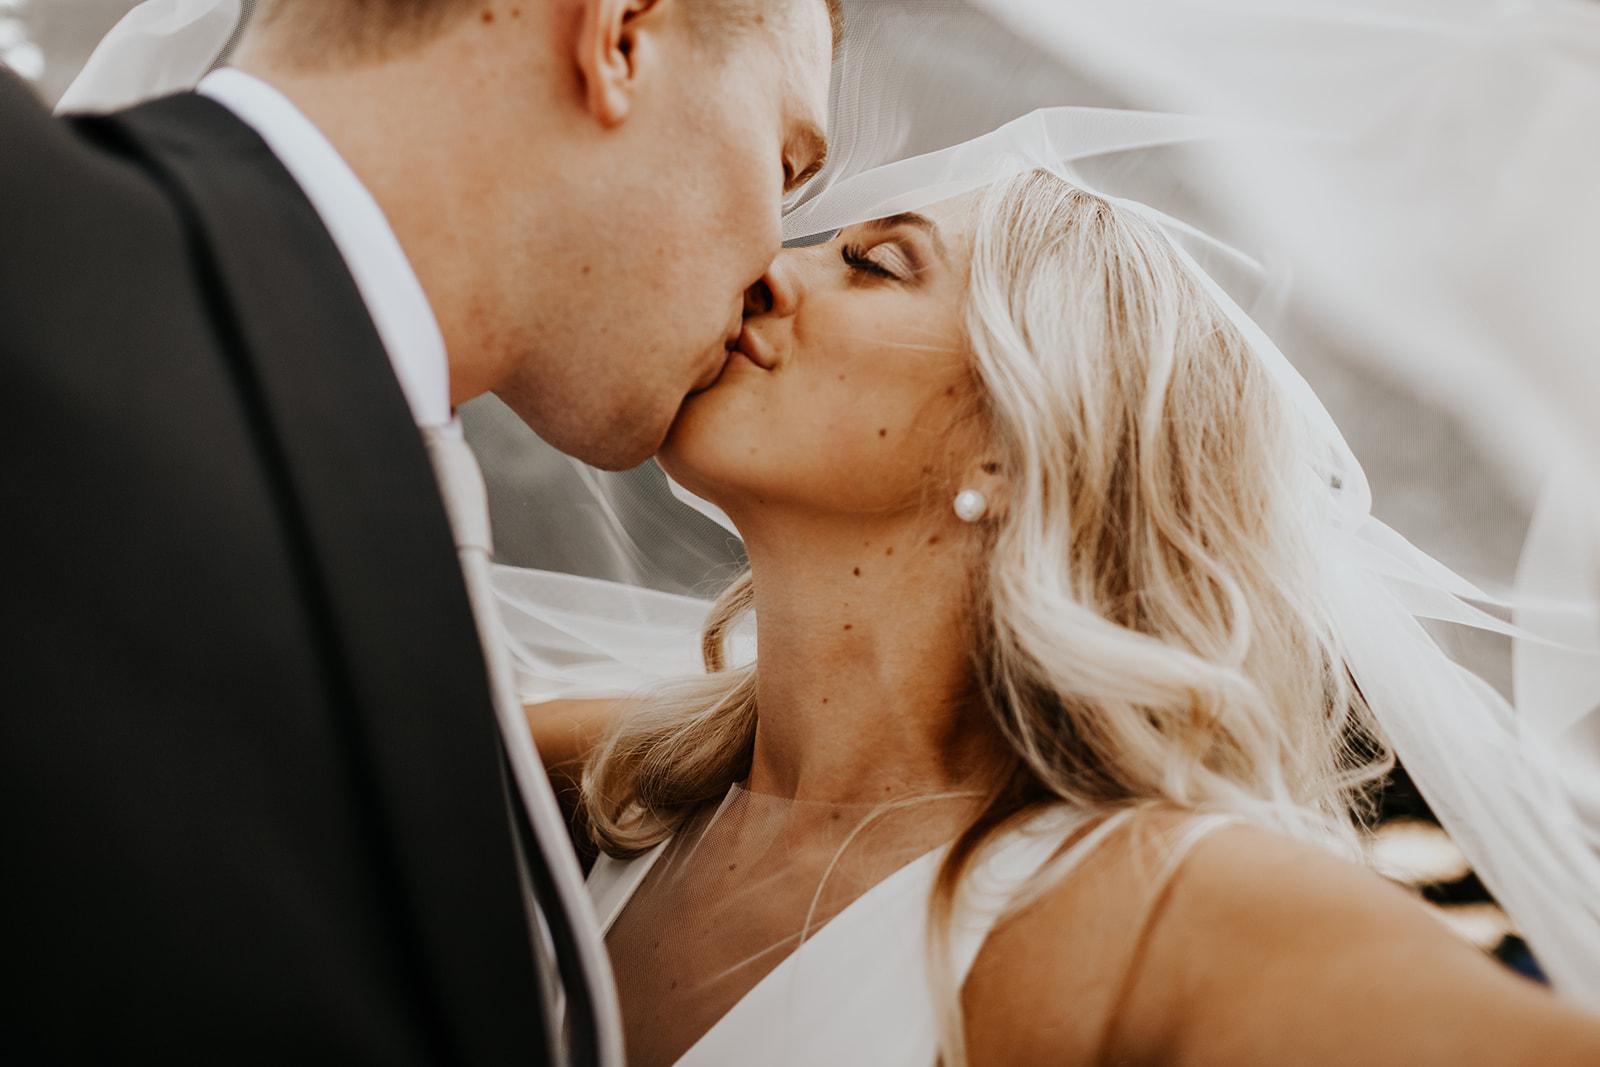 ginapaulson_larabryce_wedding-160.jpg